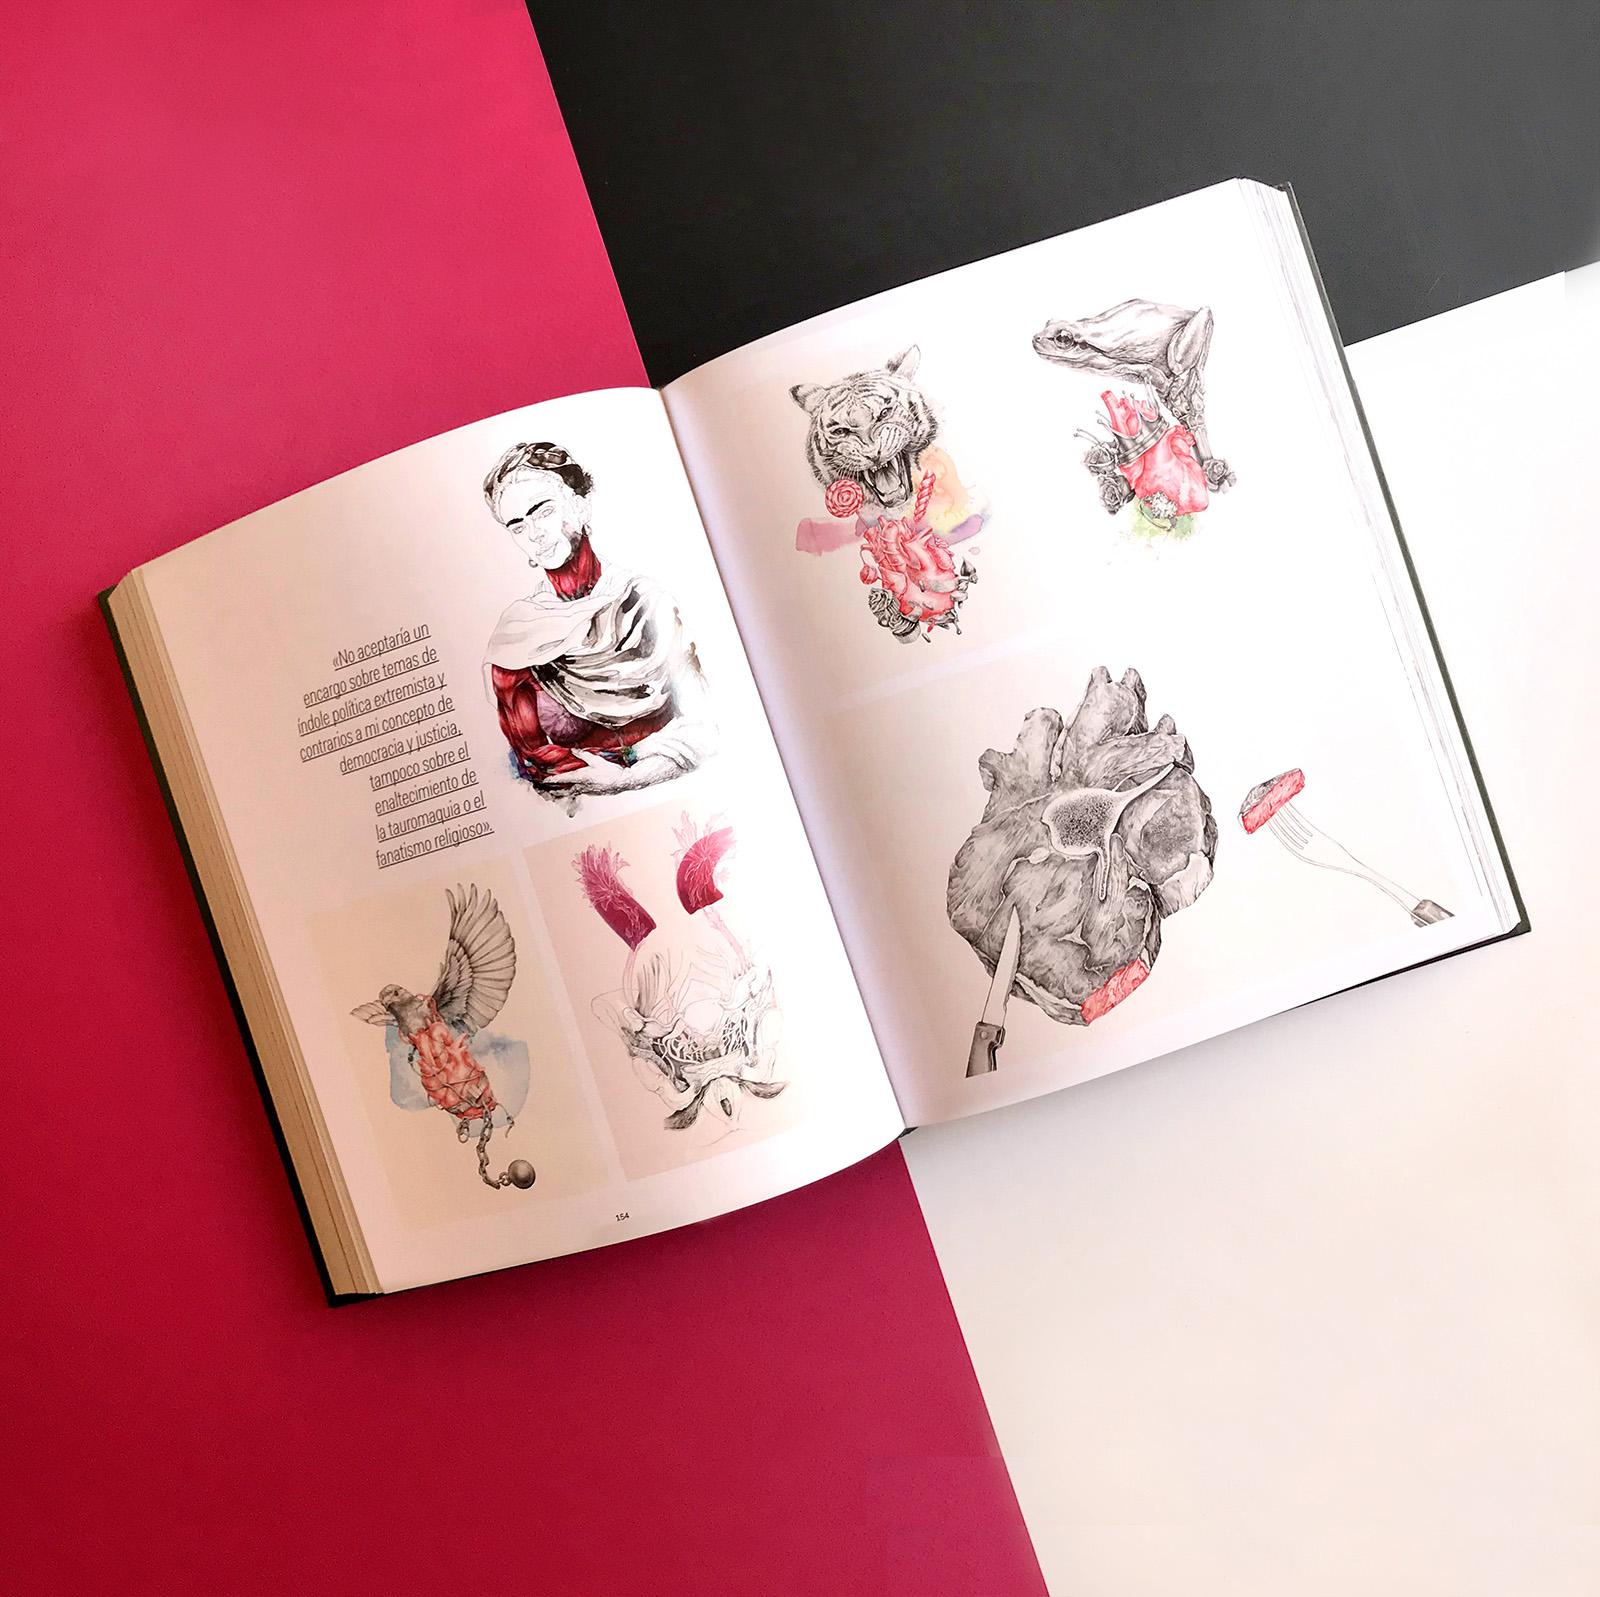 reinas de la ilustracion española editorial norma giselle vitali